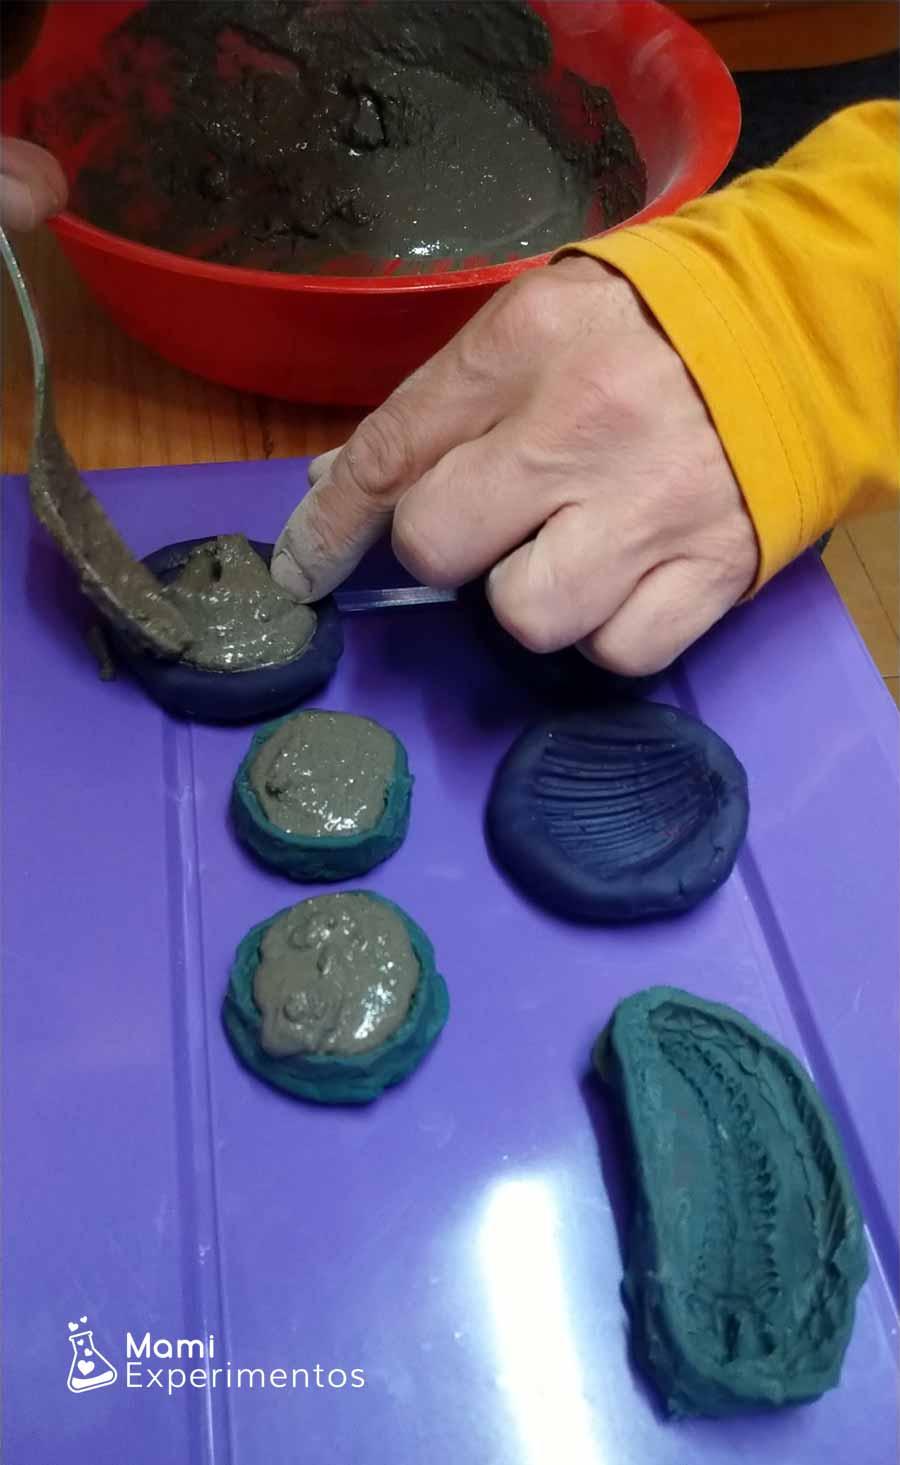 Rellenando moldes de plastilina con cemento para hacer fósiles